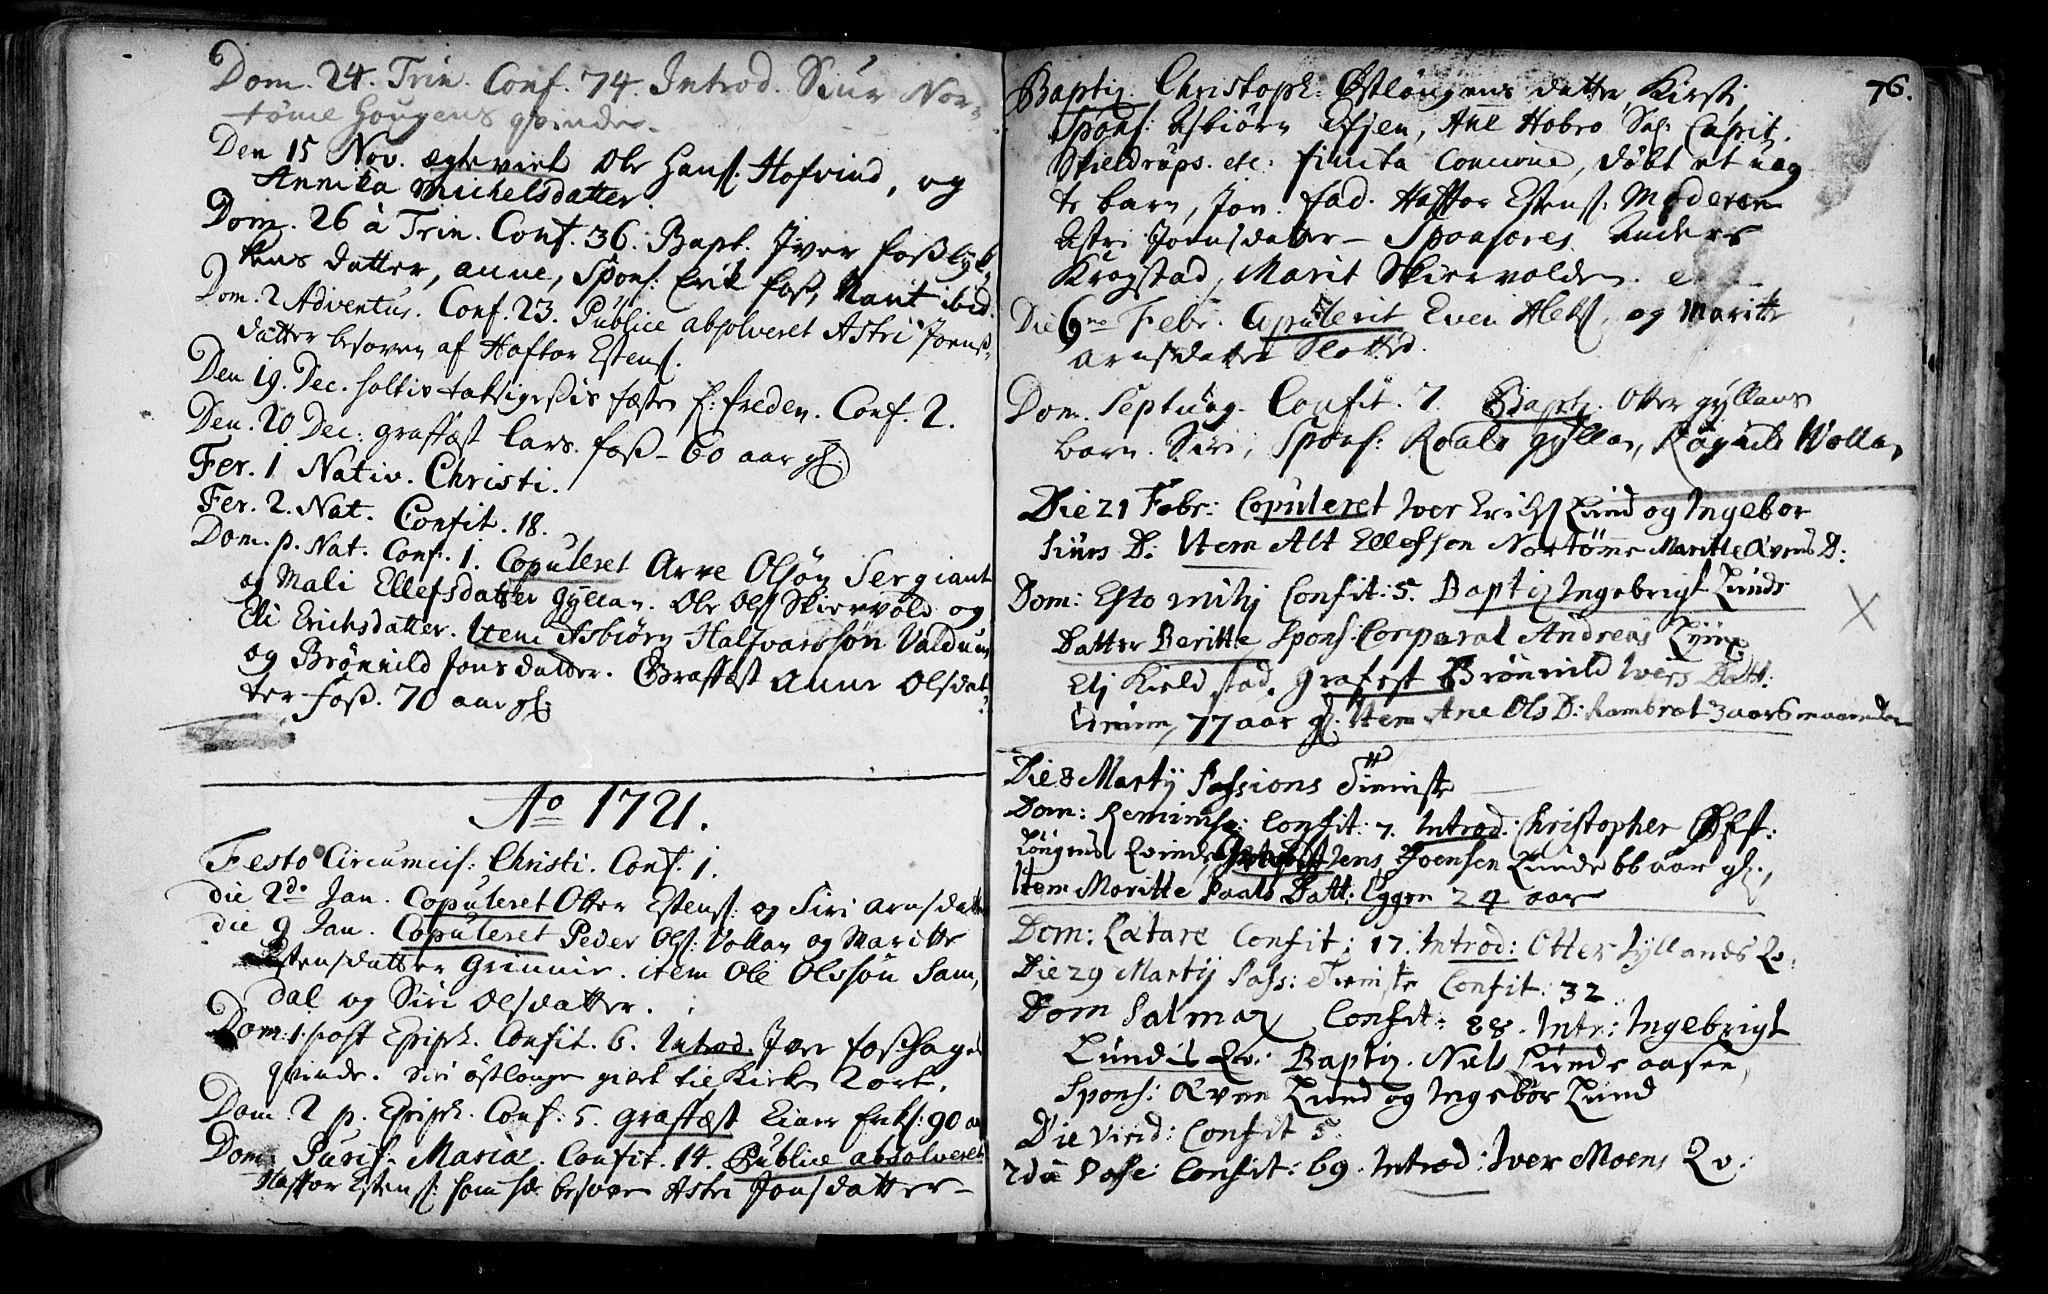 SAT, Ministerialprotokoller, klokkerbøker og fødselsregistre - Sør-Trøndelag, 692/L1101: Ministerialbok nr. 692A01, 1690-1746, s. 76